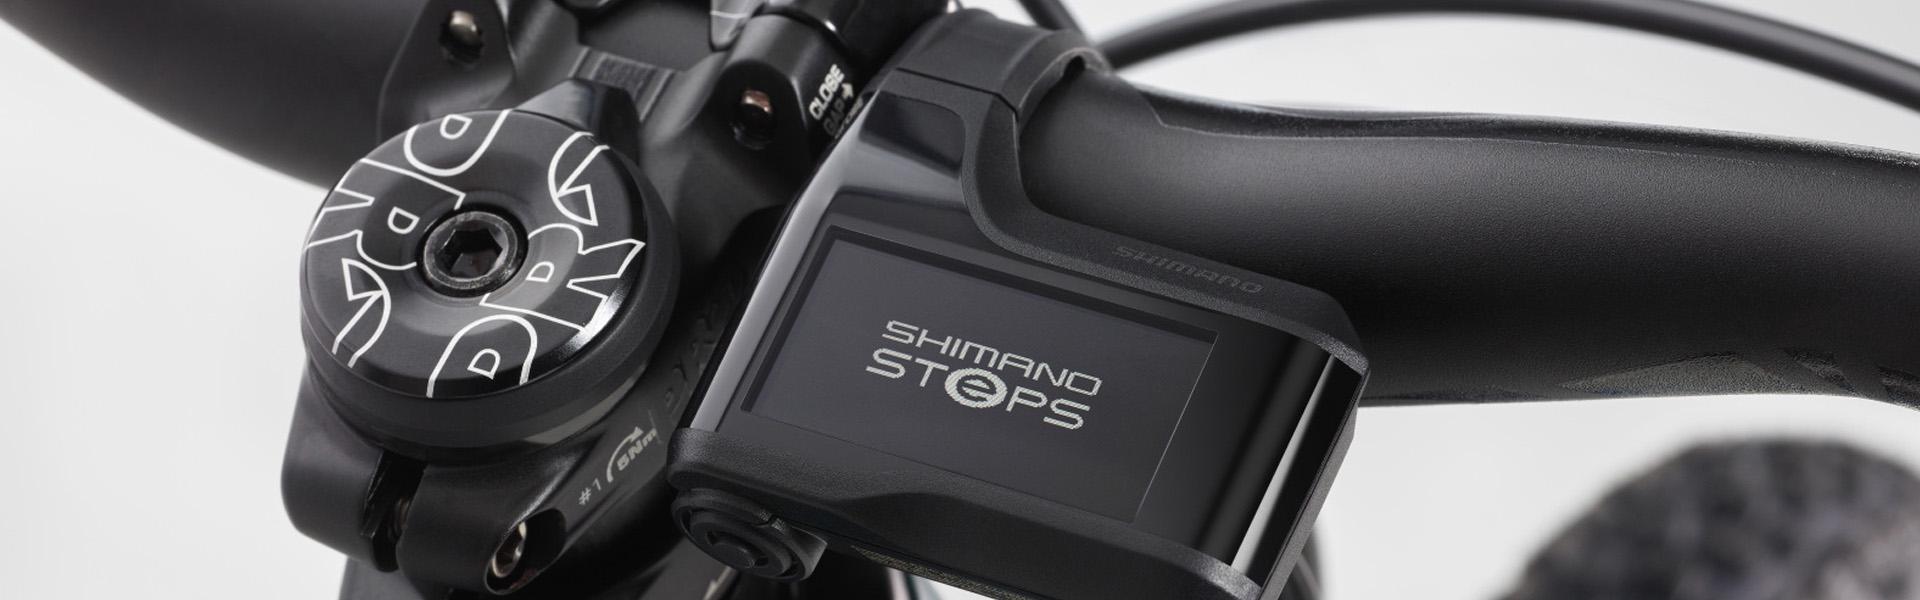 EP8 - A Shimano új csúcs E-bike rendszere